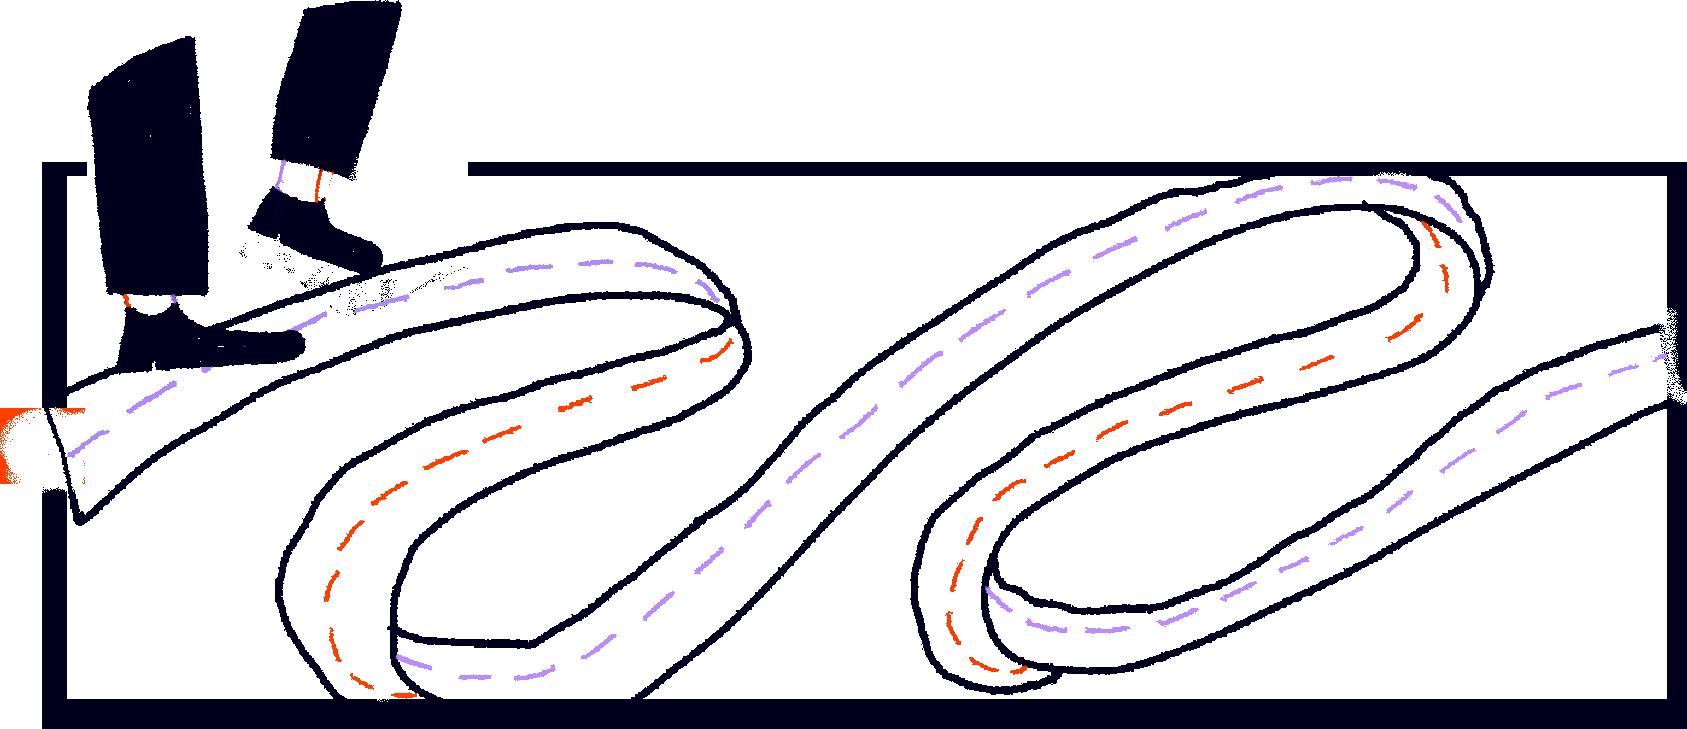 Illustraatio, jossa ihmisen jalat ovat aloittamassa matkaansa